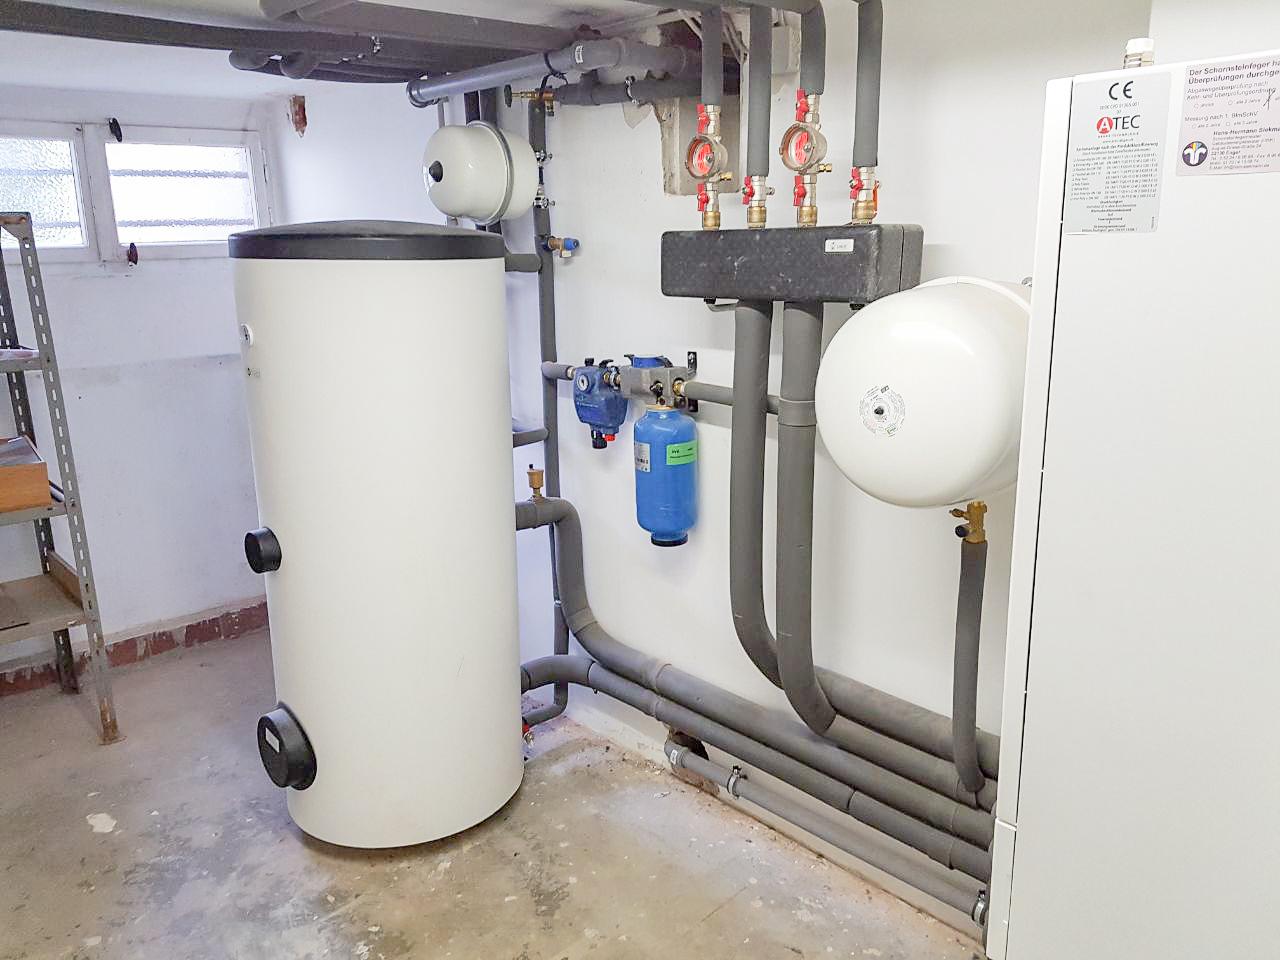 Montage Einer Wolf Zentralanlage Für Ein Zweifamilienhaus Mit Brennwerttechnik